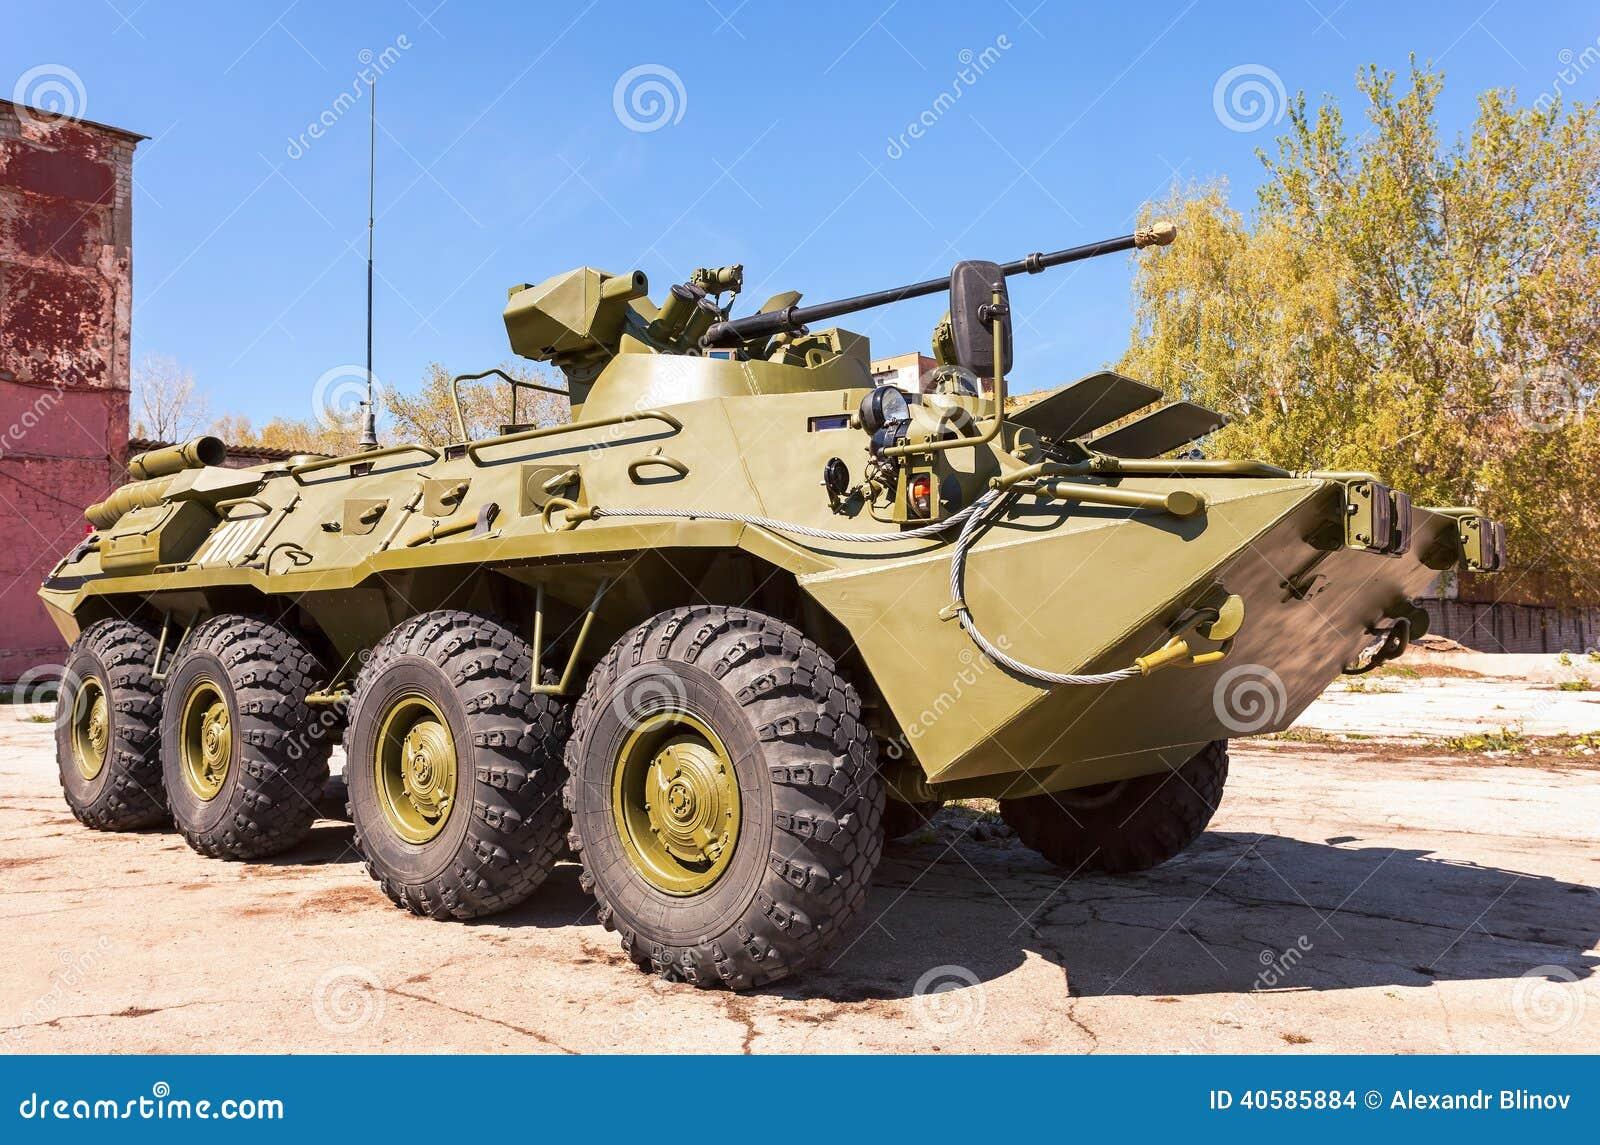 Русский бронетранспортер бронированного корабля армии катят BTR-82, который